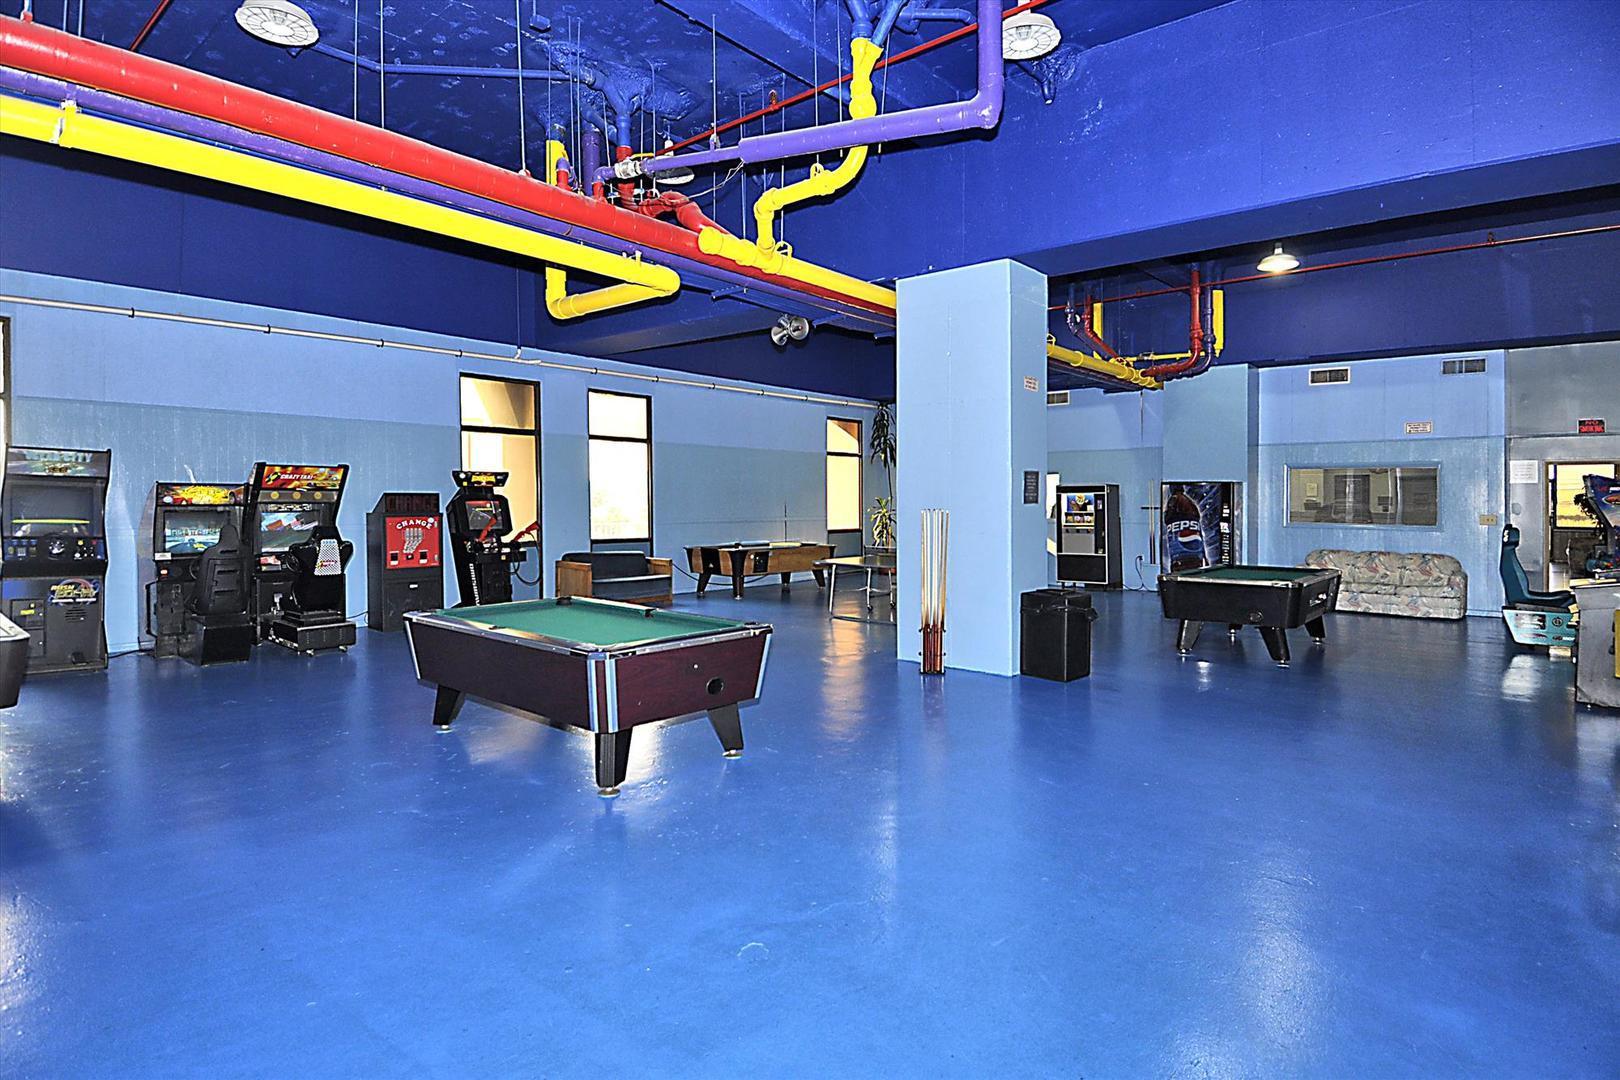 Capri - Game Room Area